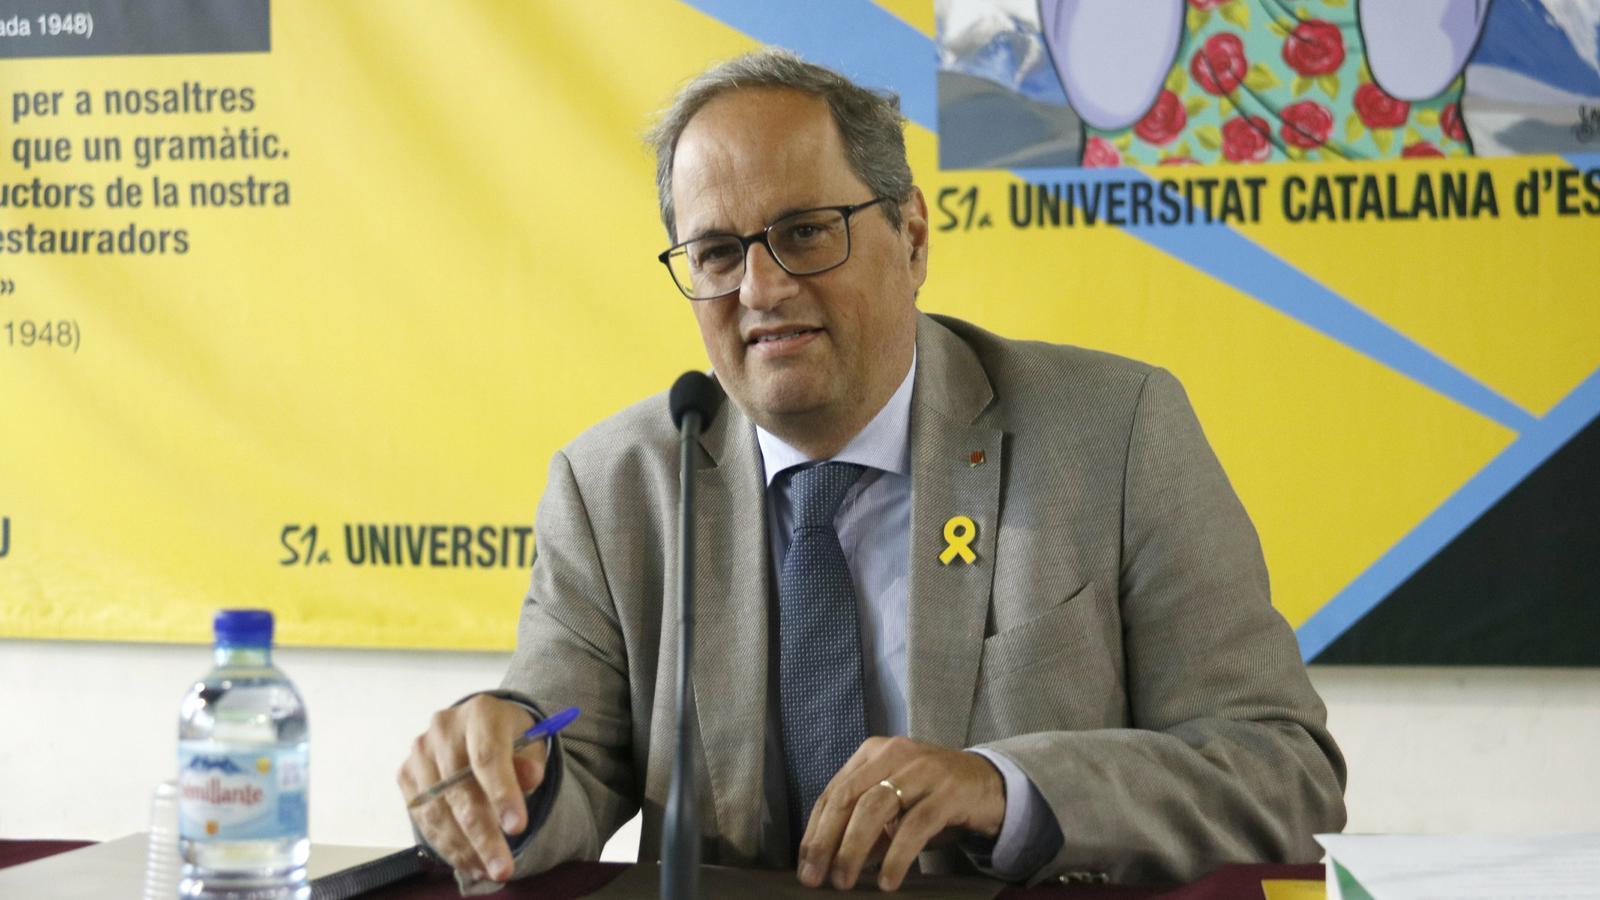 El president de la Generalitat, Quim Torra, durant la seva conferència a la Universitat Catalana d'Estiu (UCE) aquest dimarts